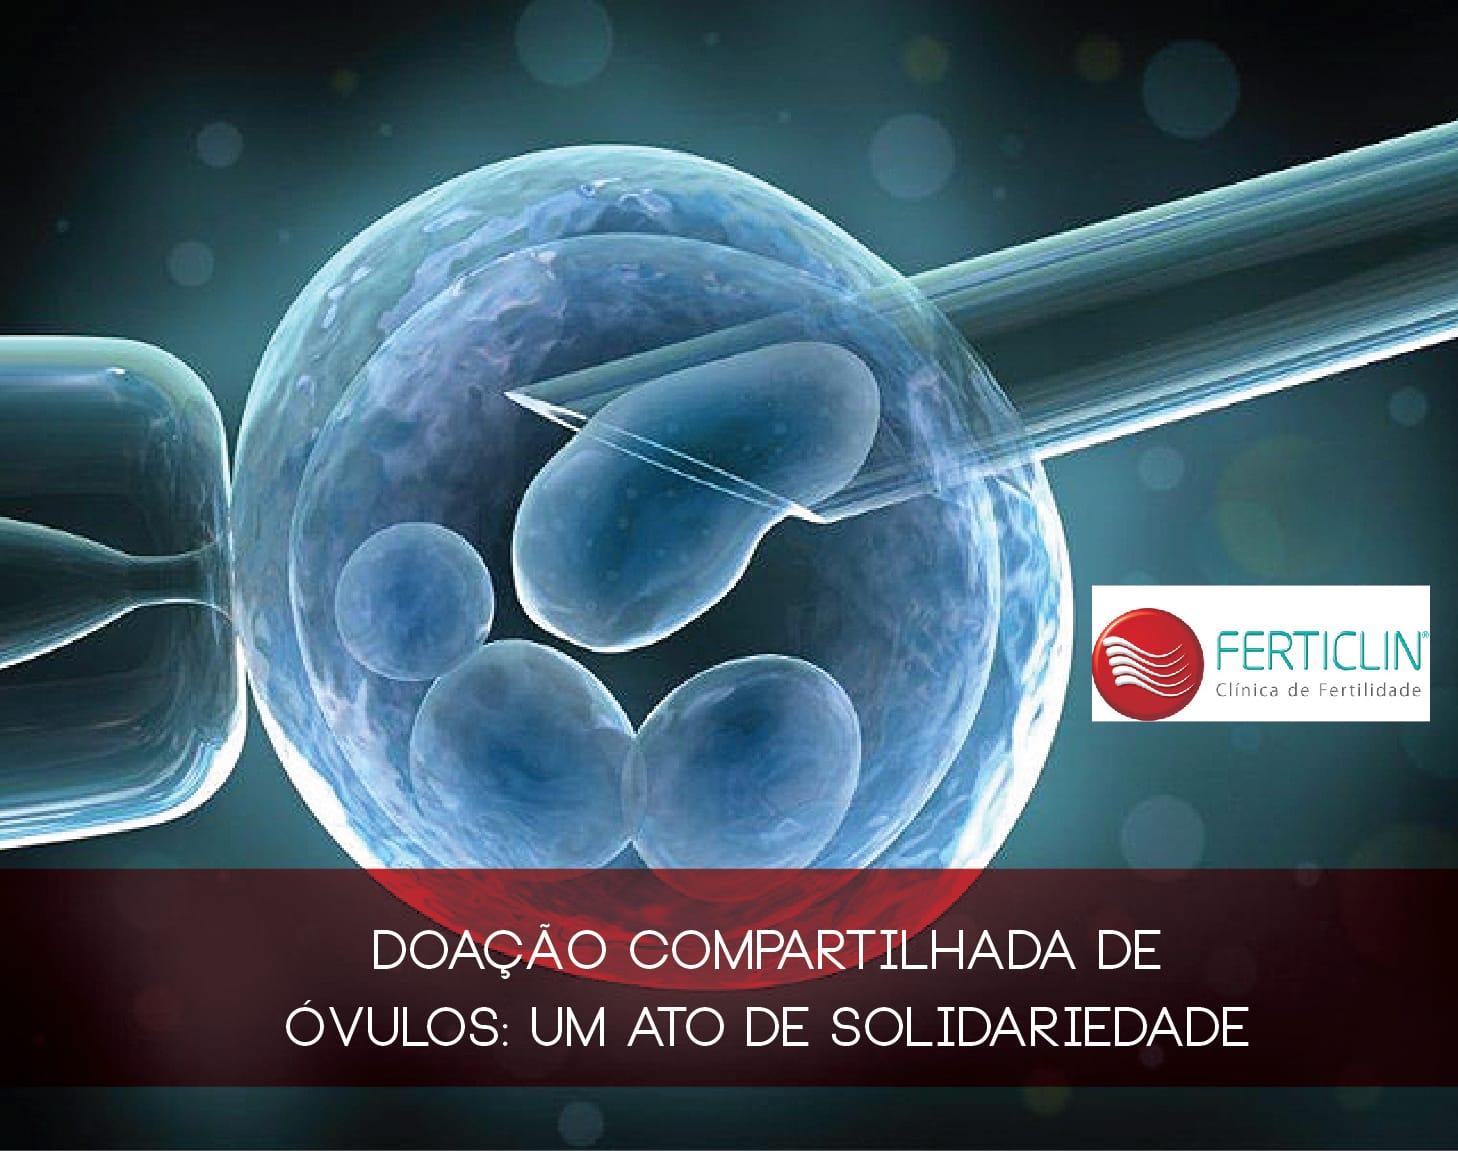 Doação compartilhada de óvulos: Um ato de solidariedade